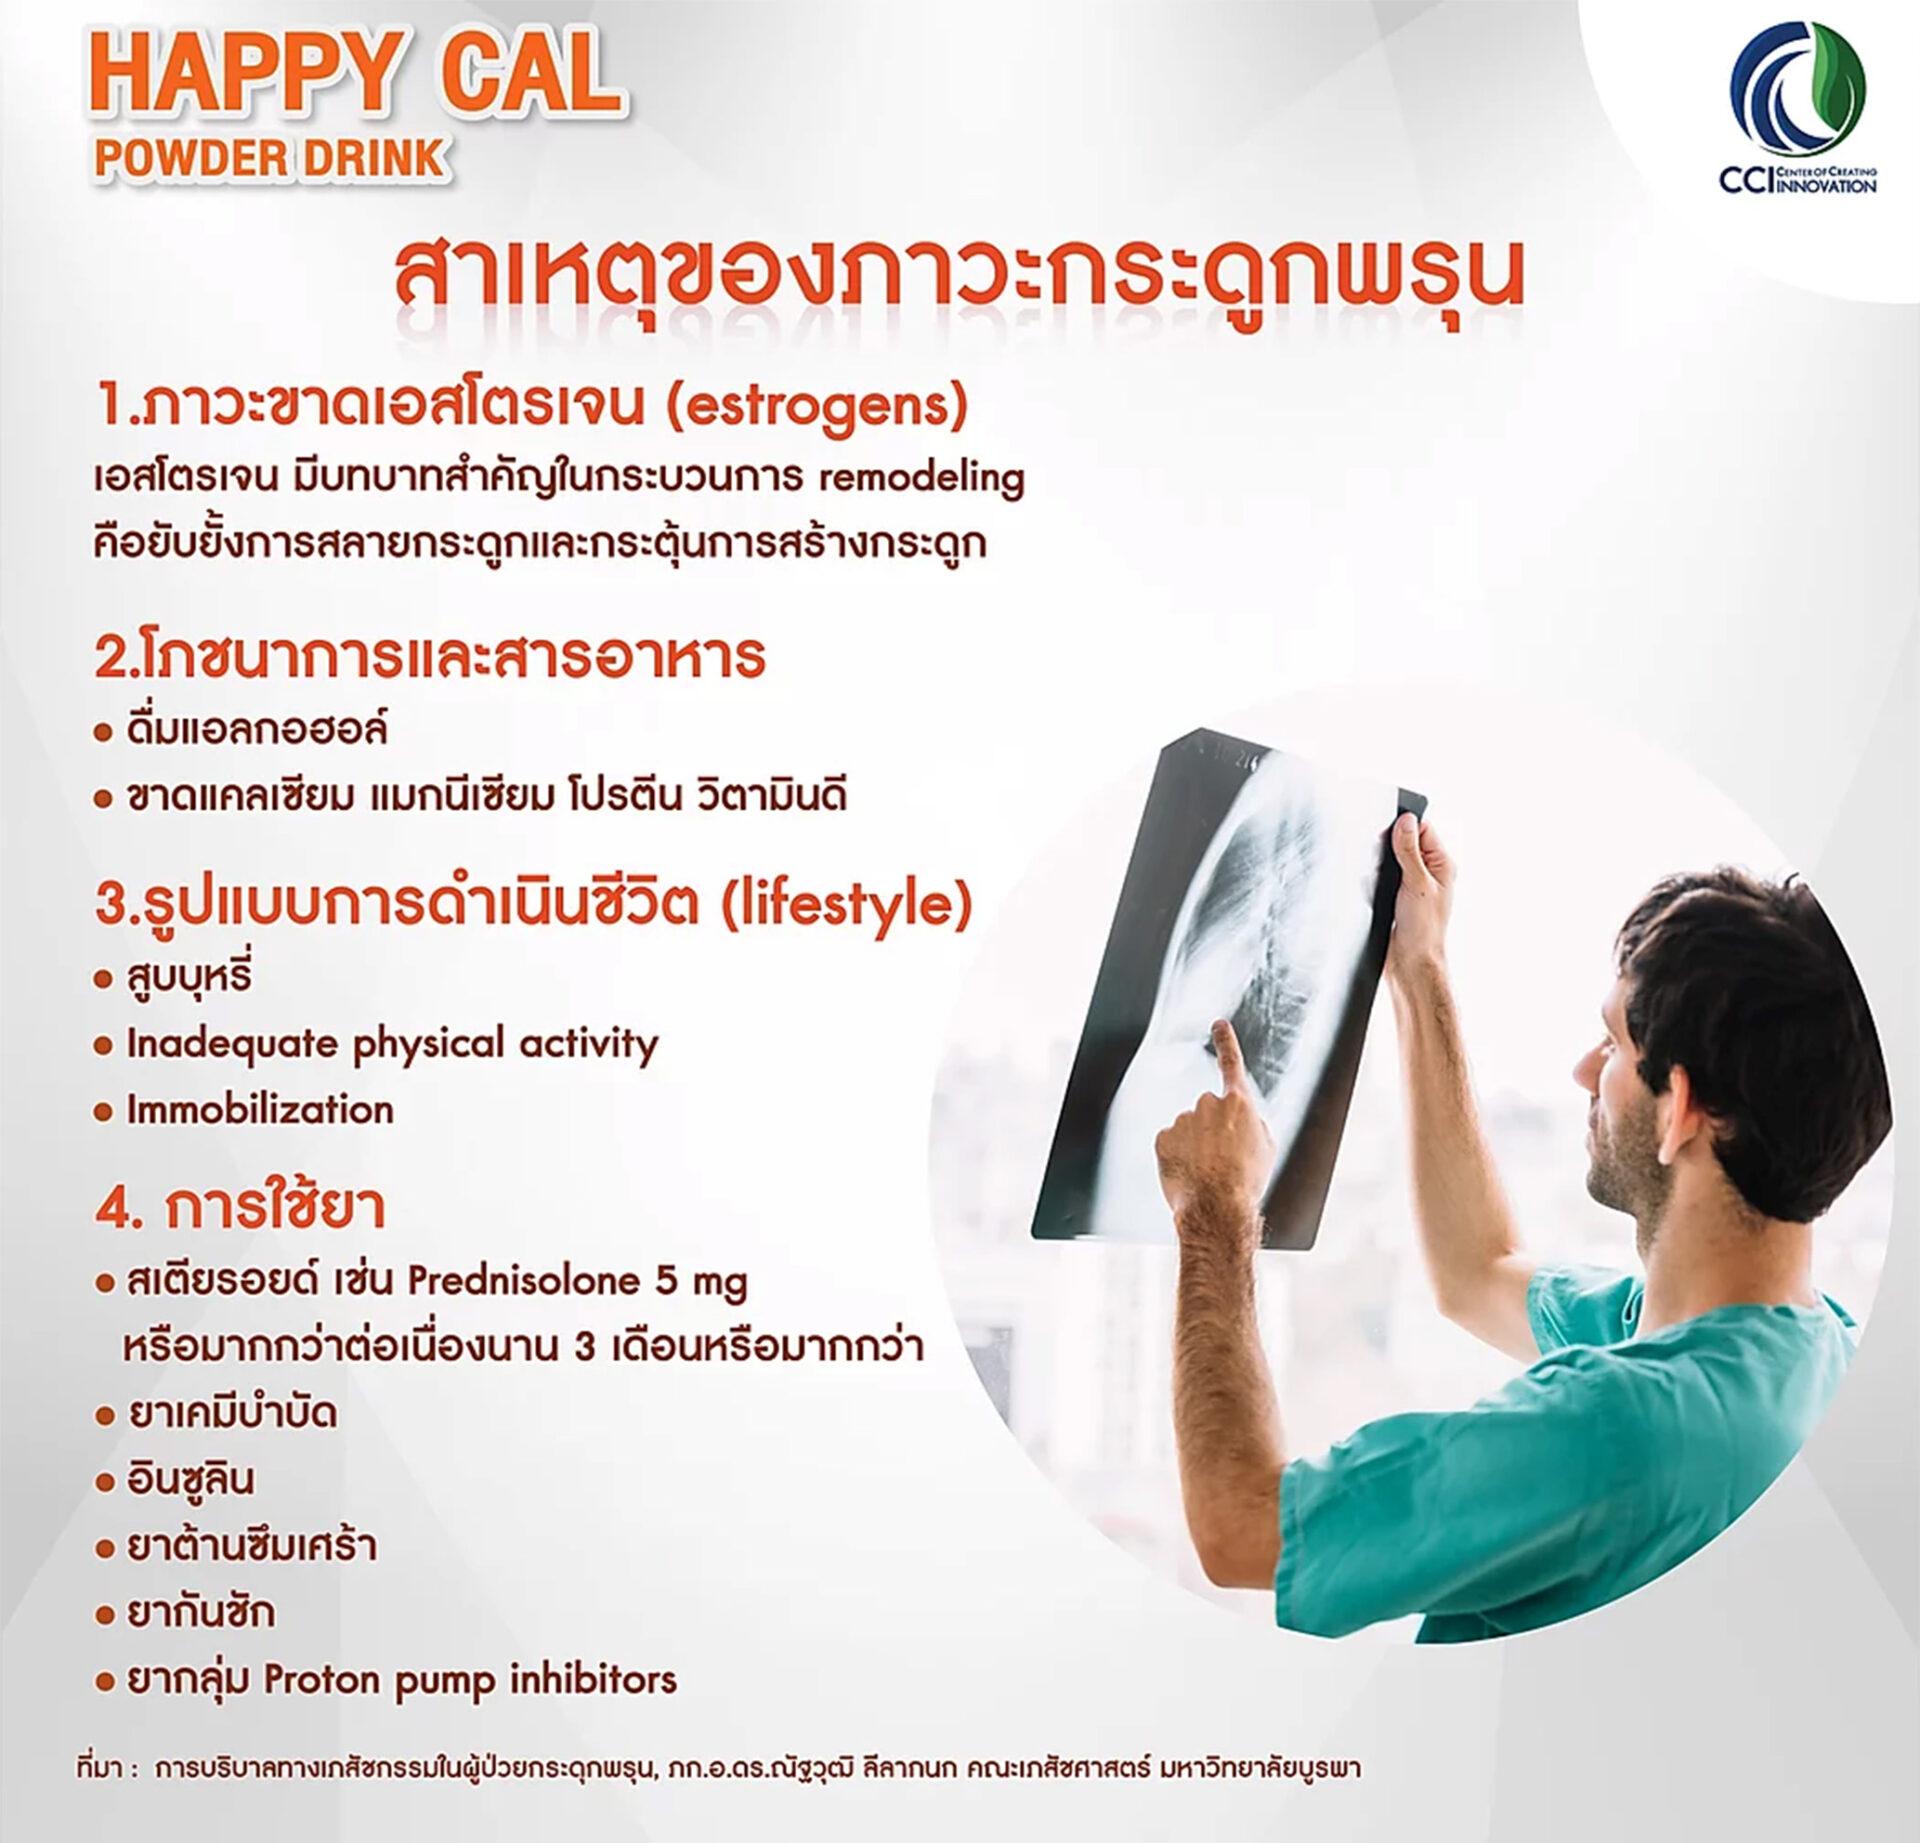 Happy Cal แฮปปี้แคล สาเหตุของภาวะกระดูกพรุน กระดูกบาง เสริมแคลเซียม บำรุงกระดูก ป้องกันกระดูกเสื่อม ป้องกันกระดูกพรุน